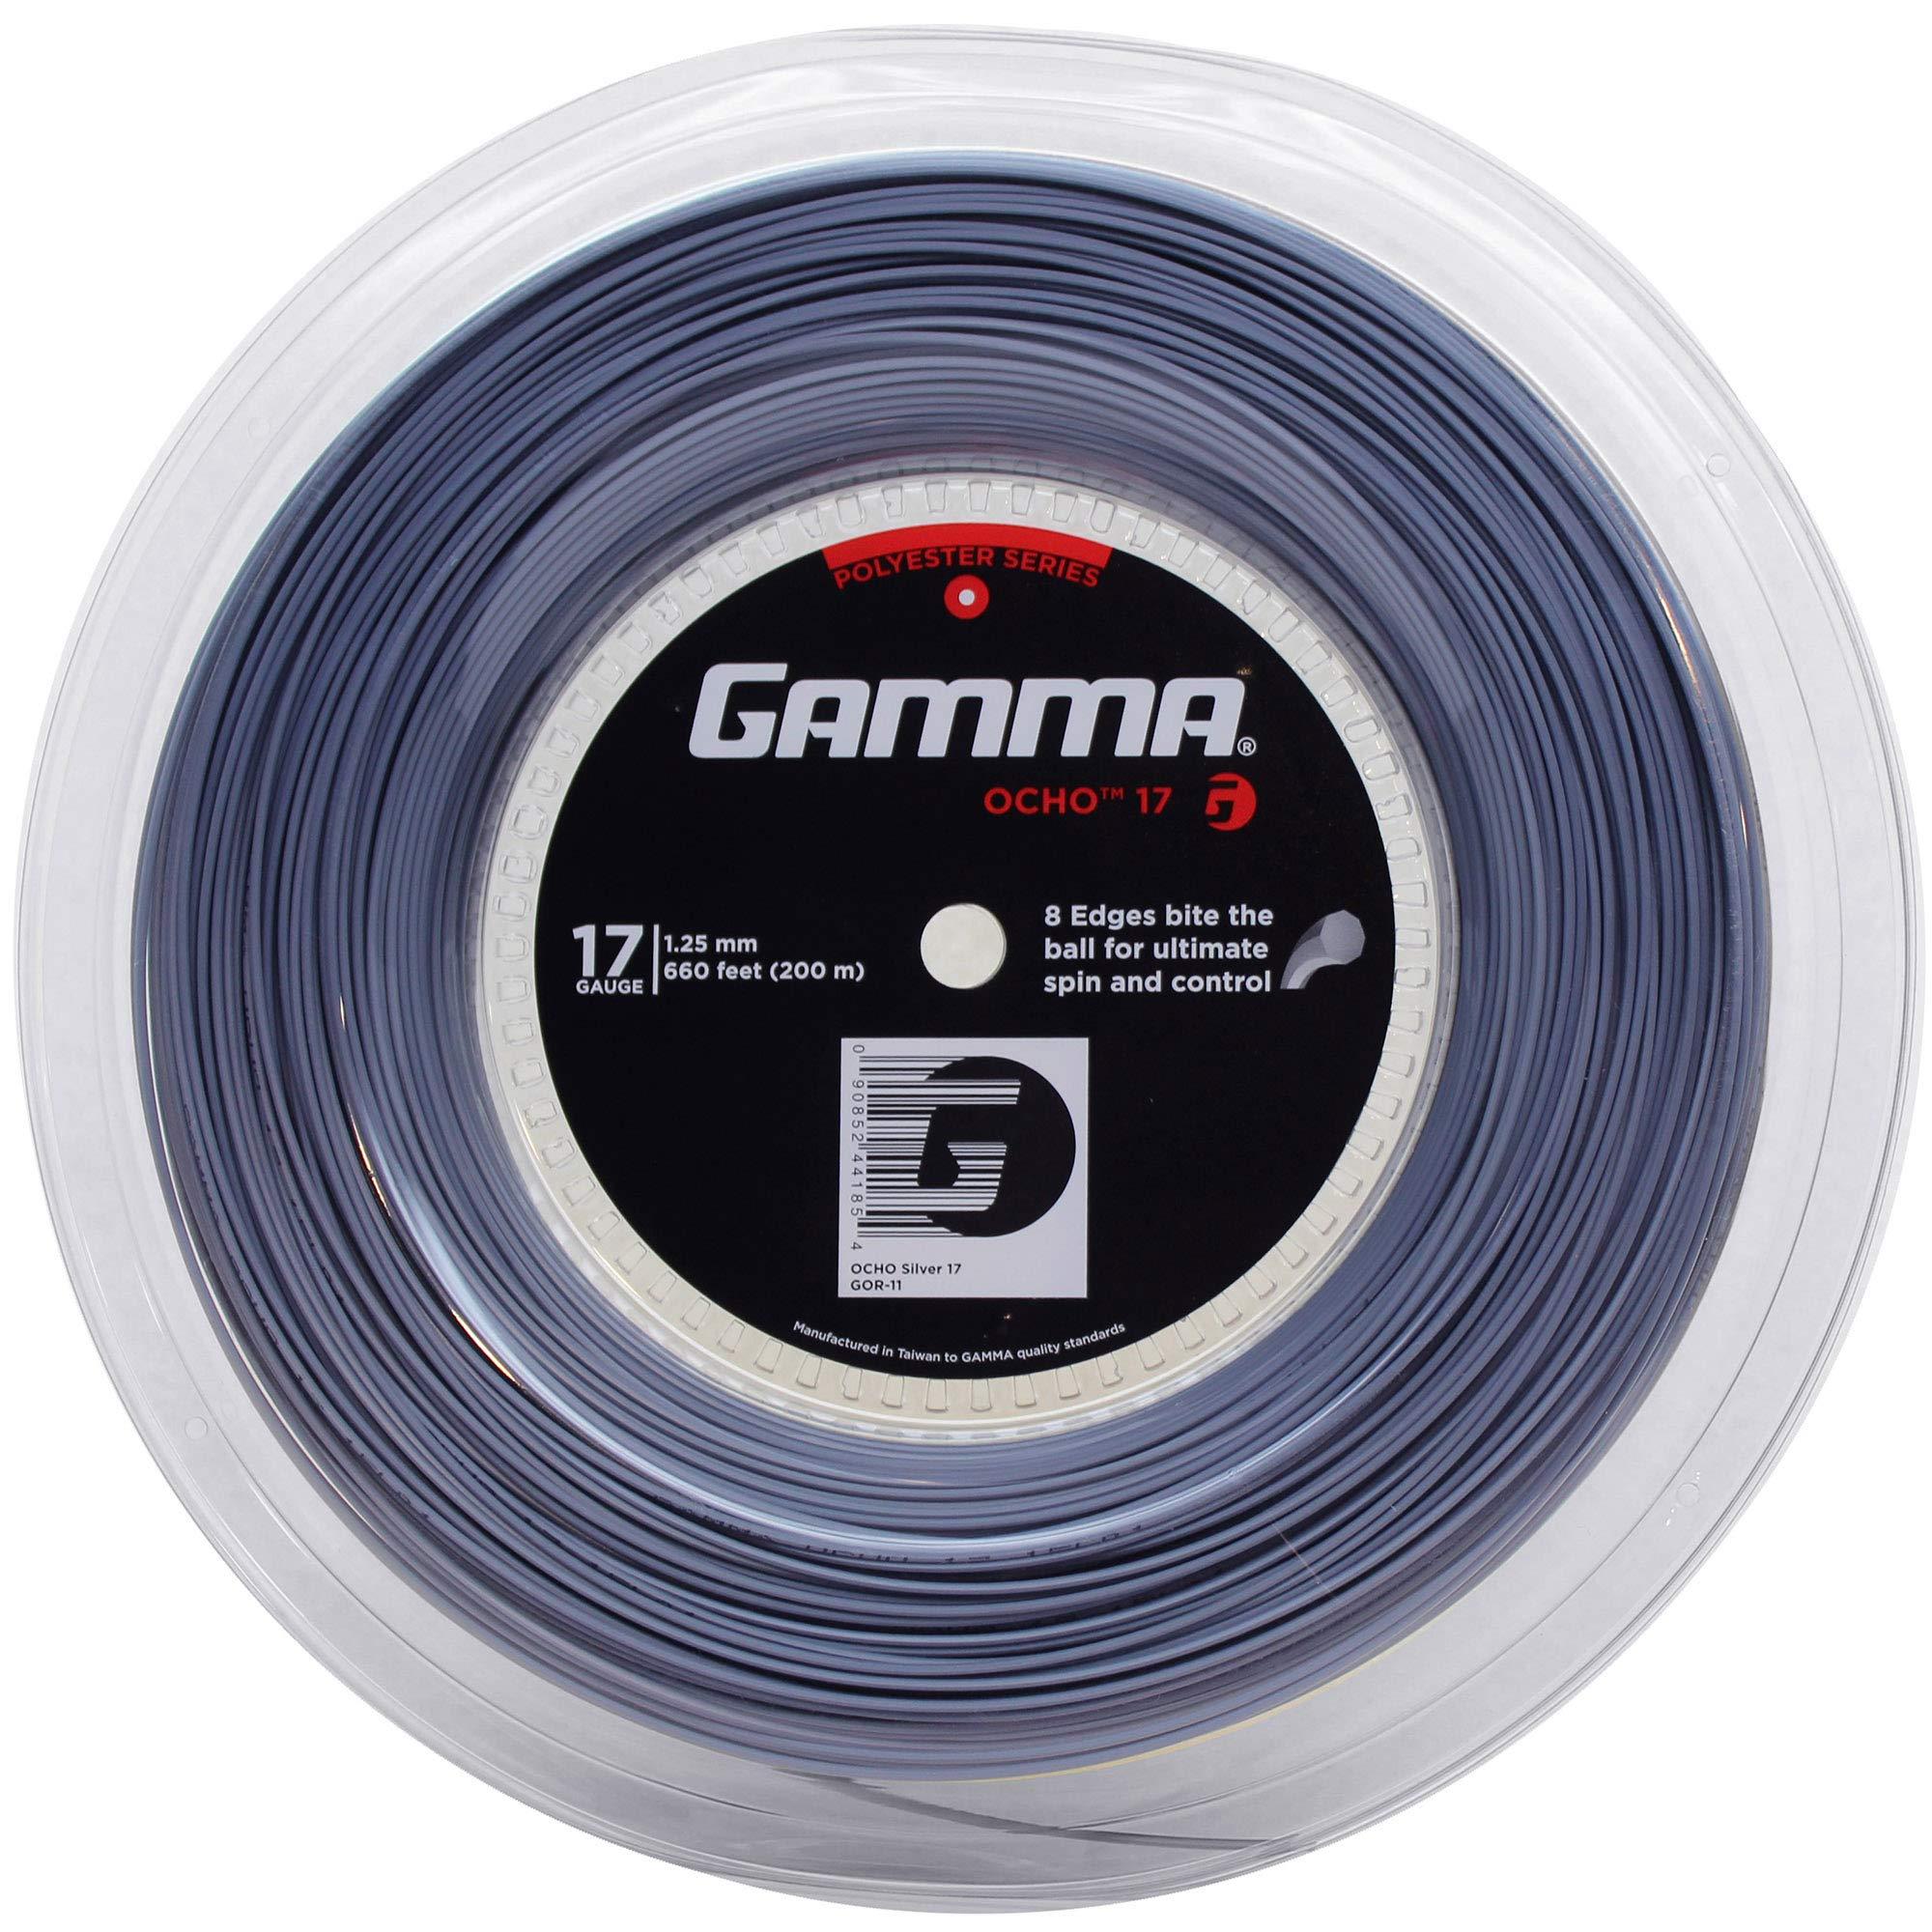 Gamma Ocho 17G Tennis String Reel Silver